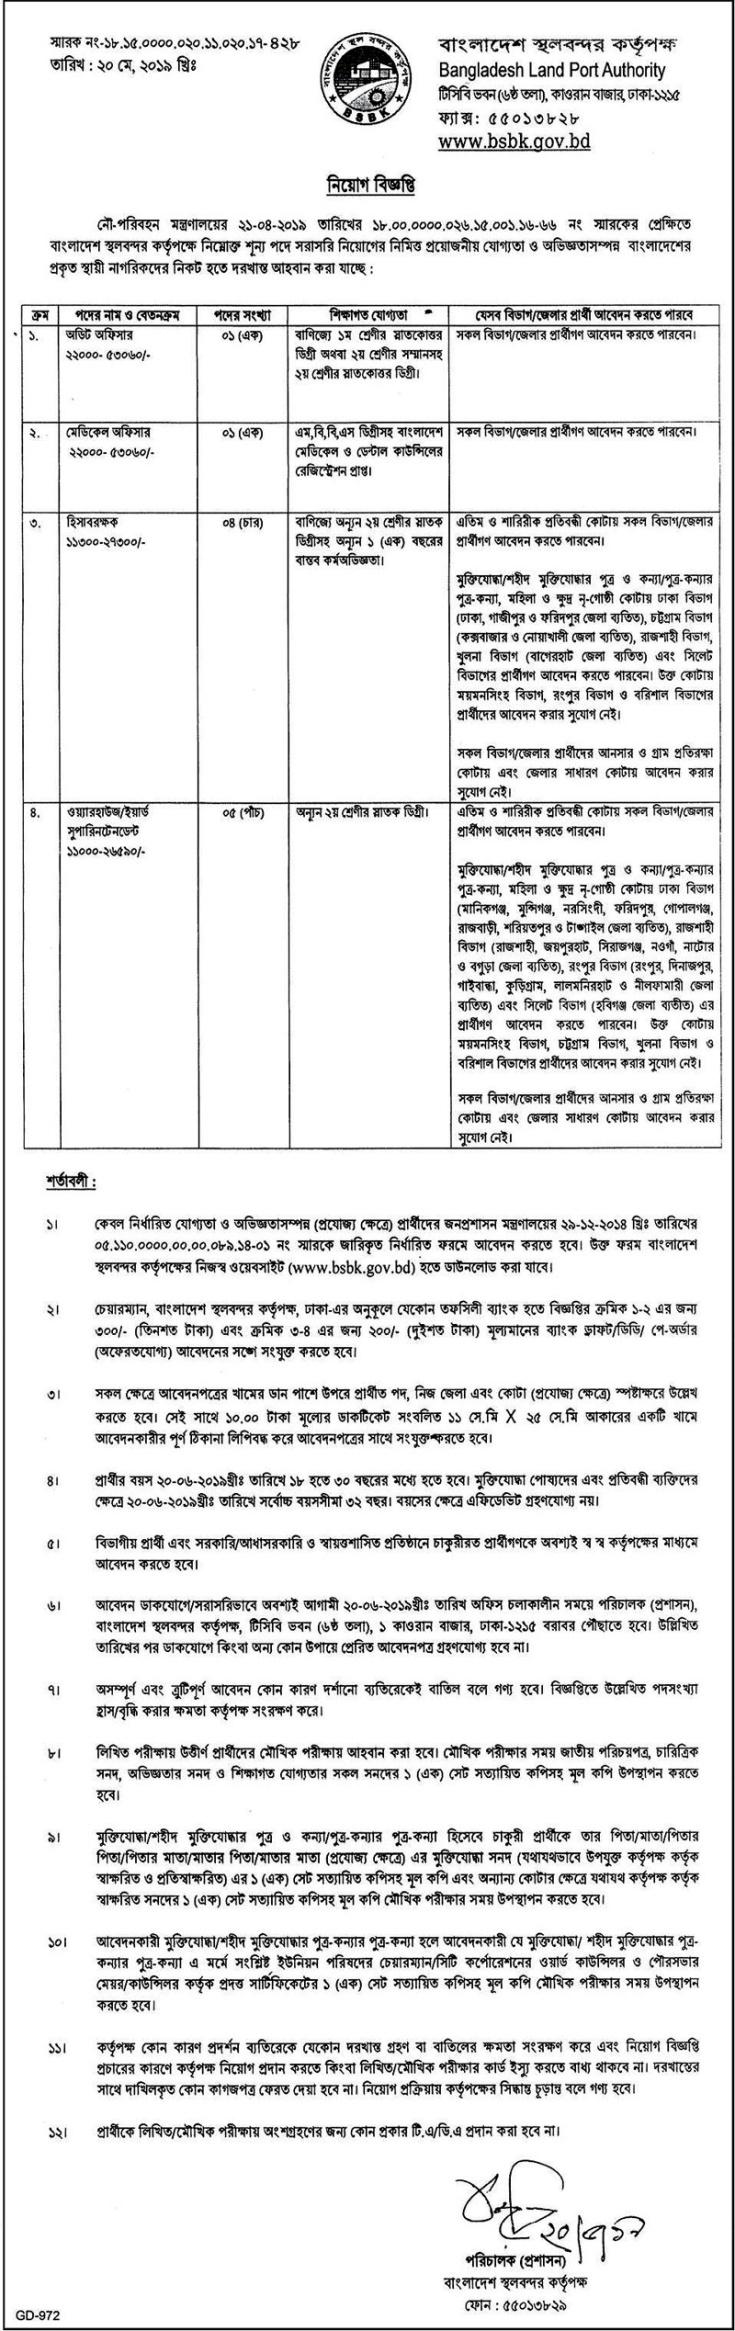 Land Port Authority Job Circular 2019